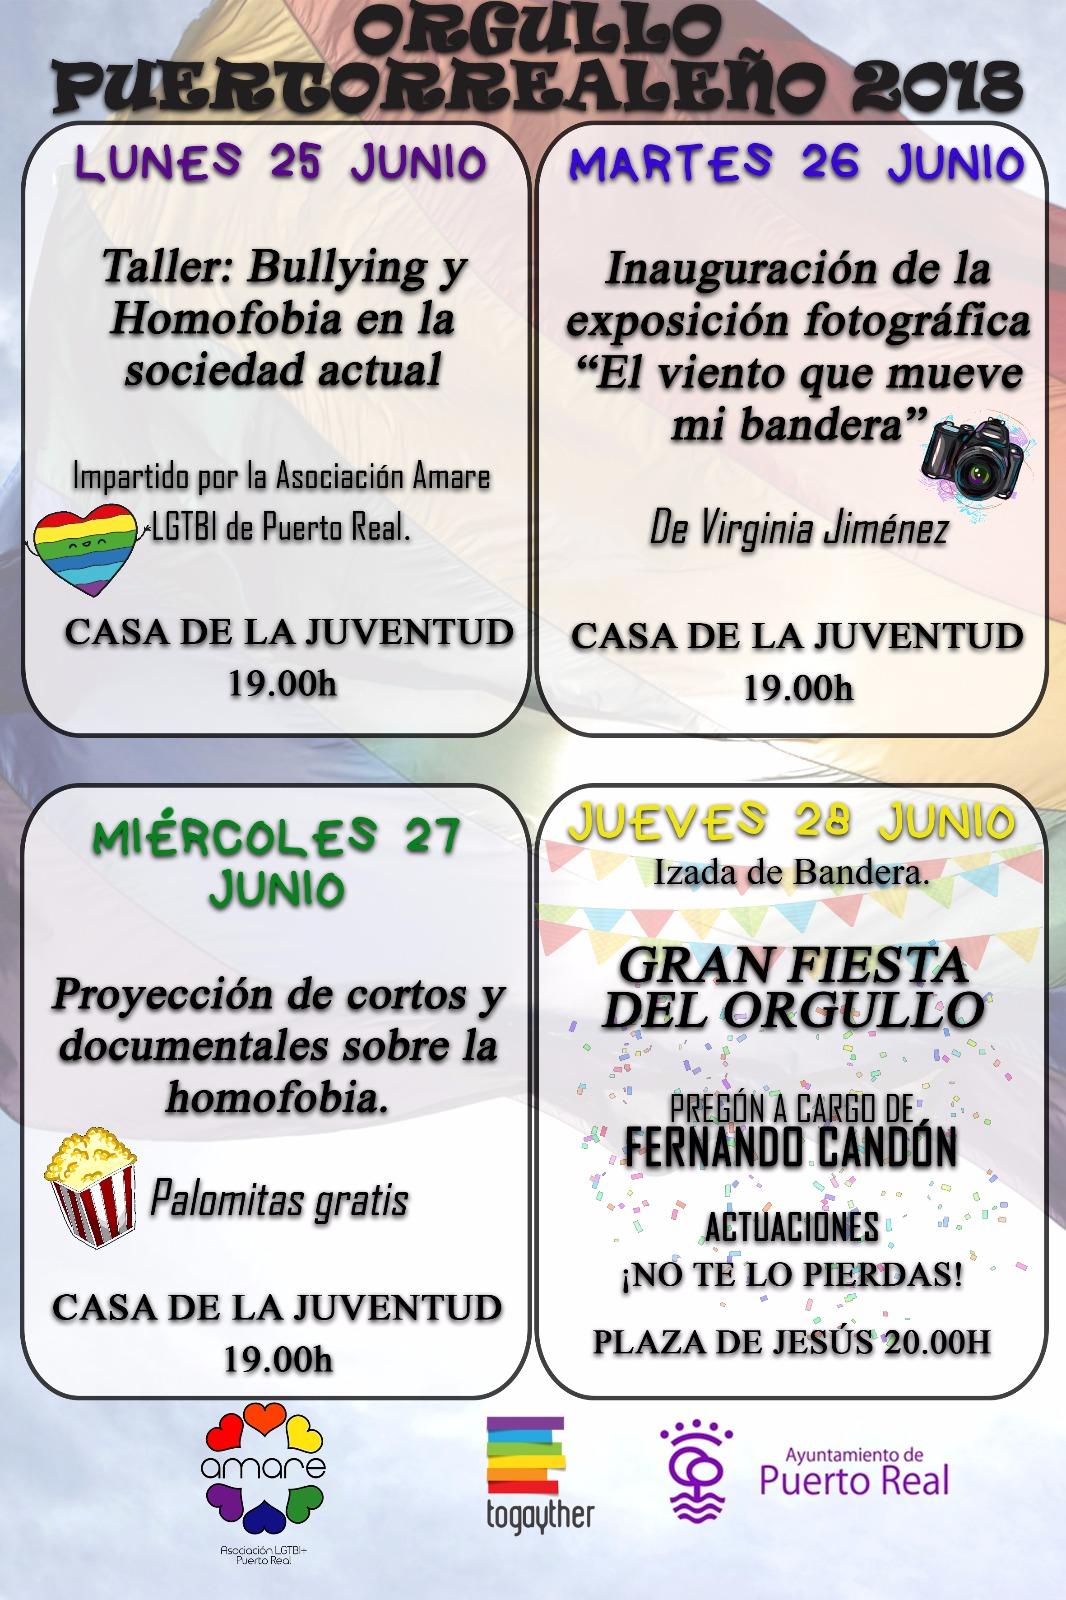 Orgullo Puerto Real